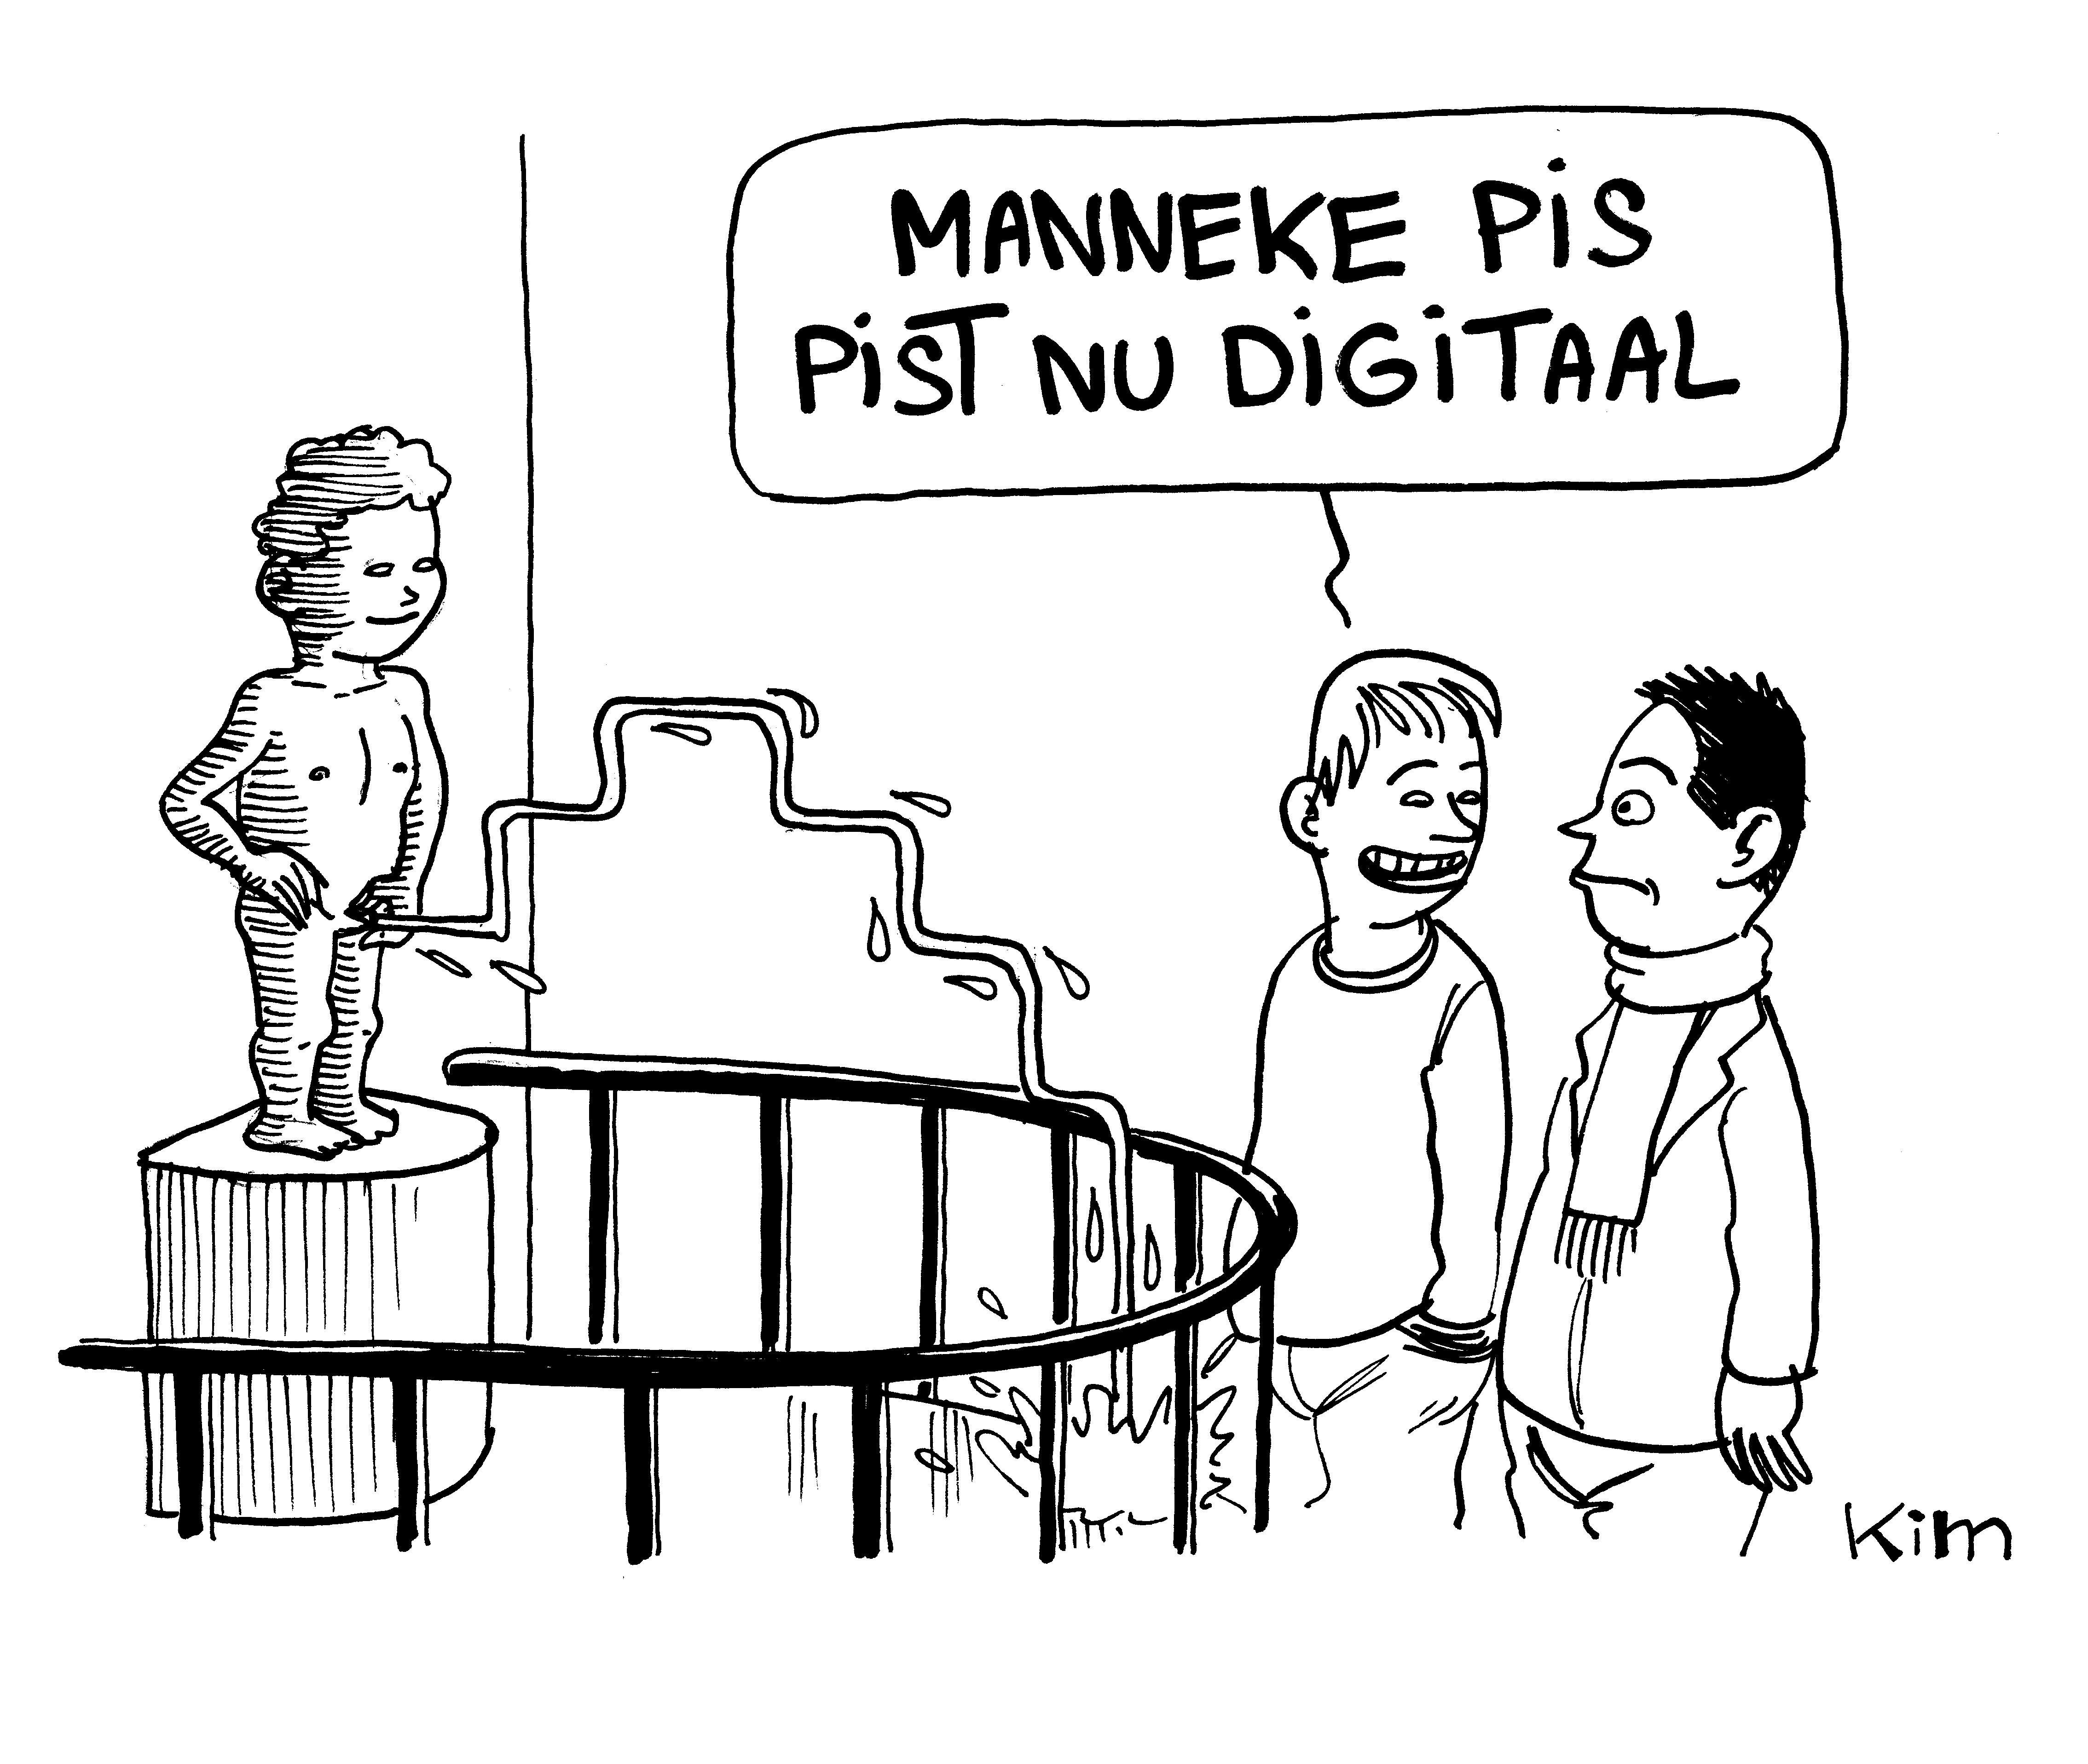 Manneke Pis pist nu digitaal